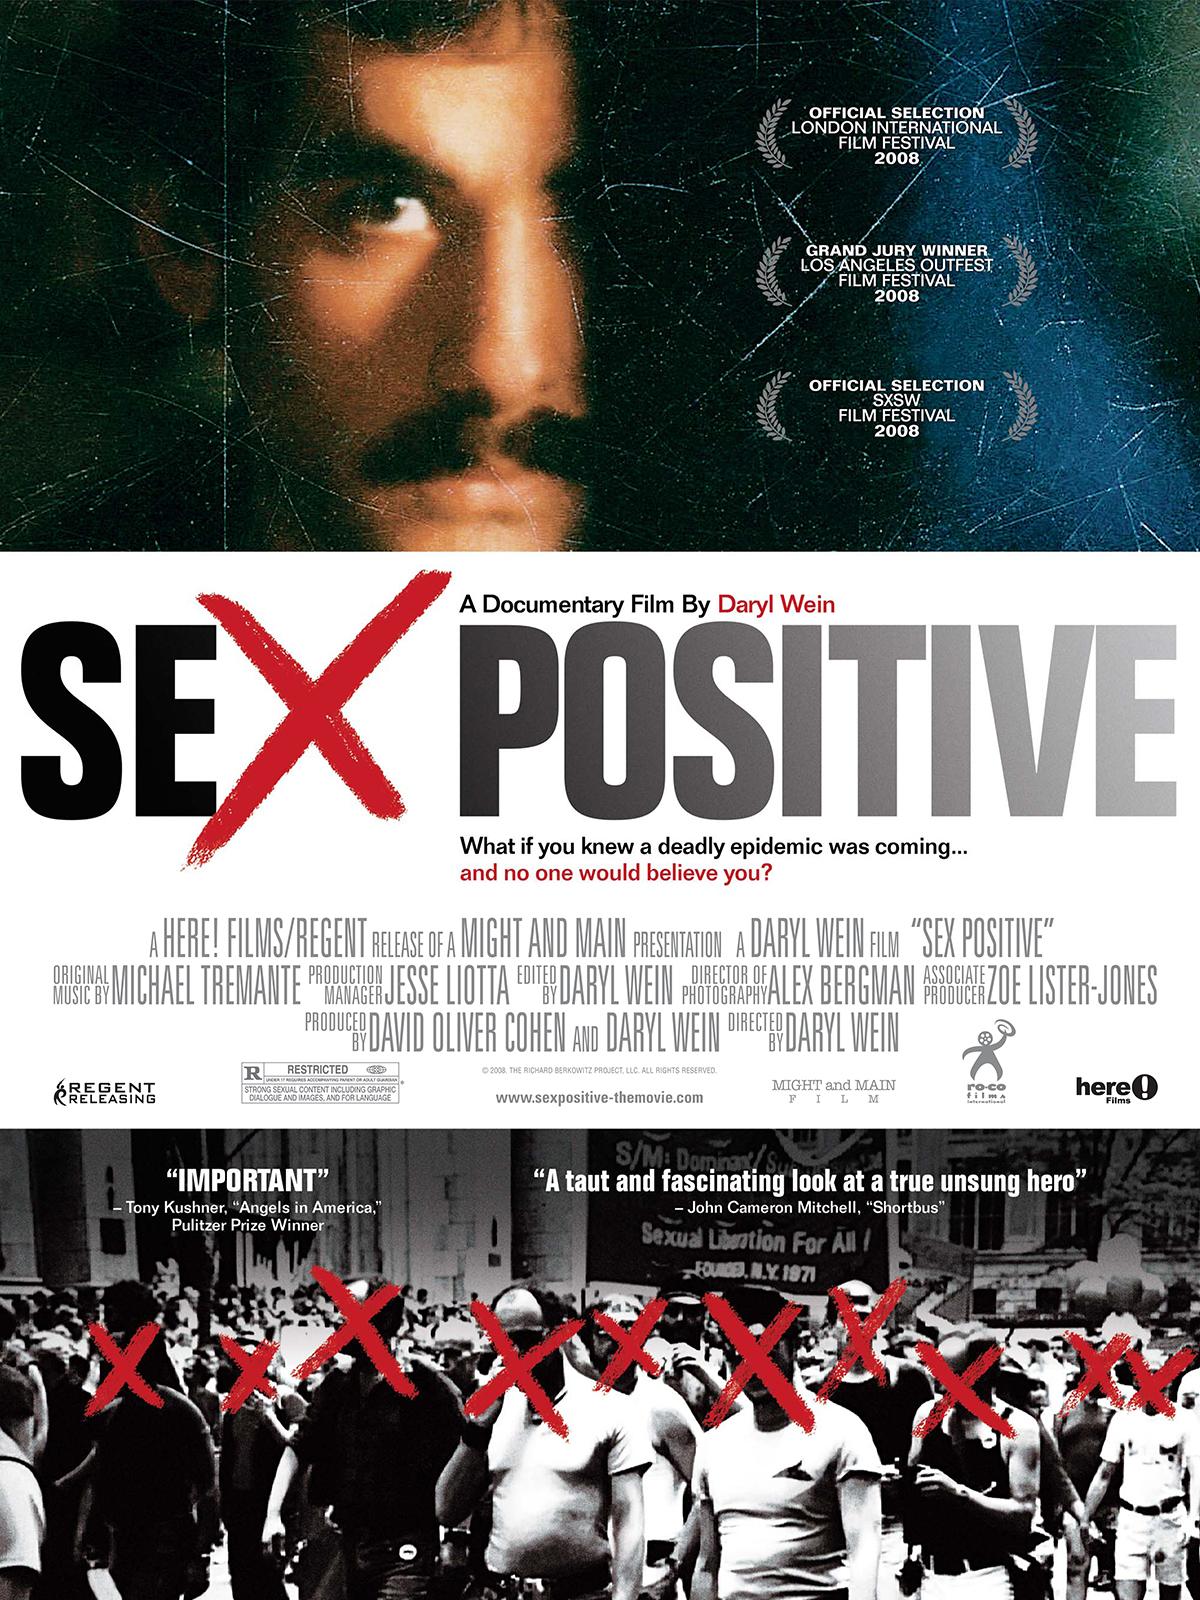 Here-SexPositive-Full-Image-en-US.jpg